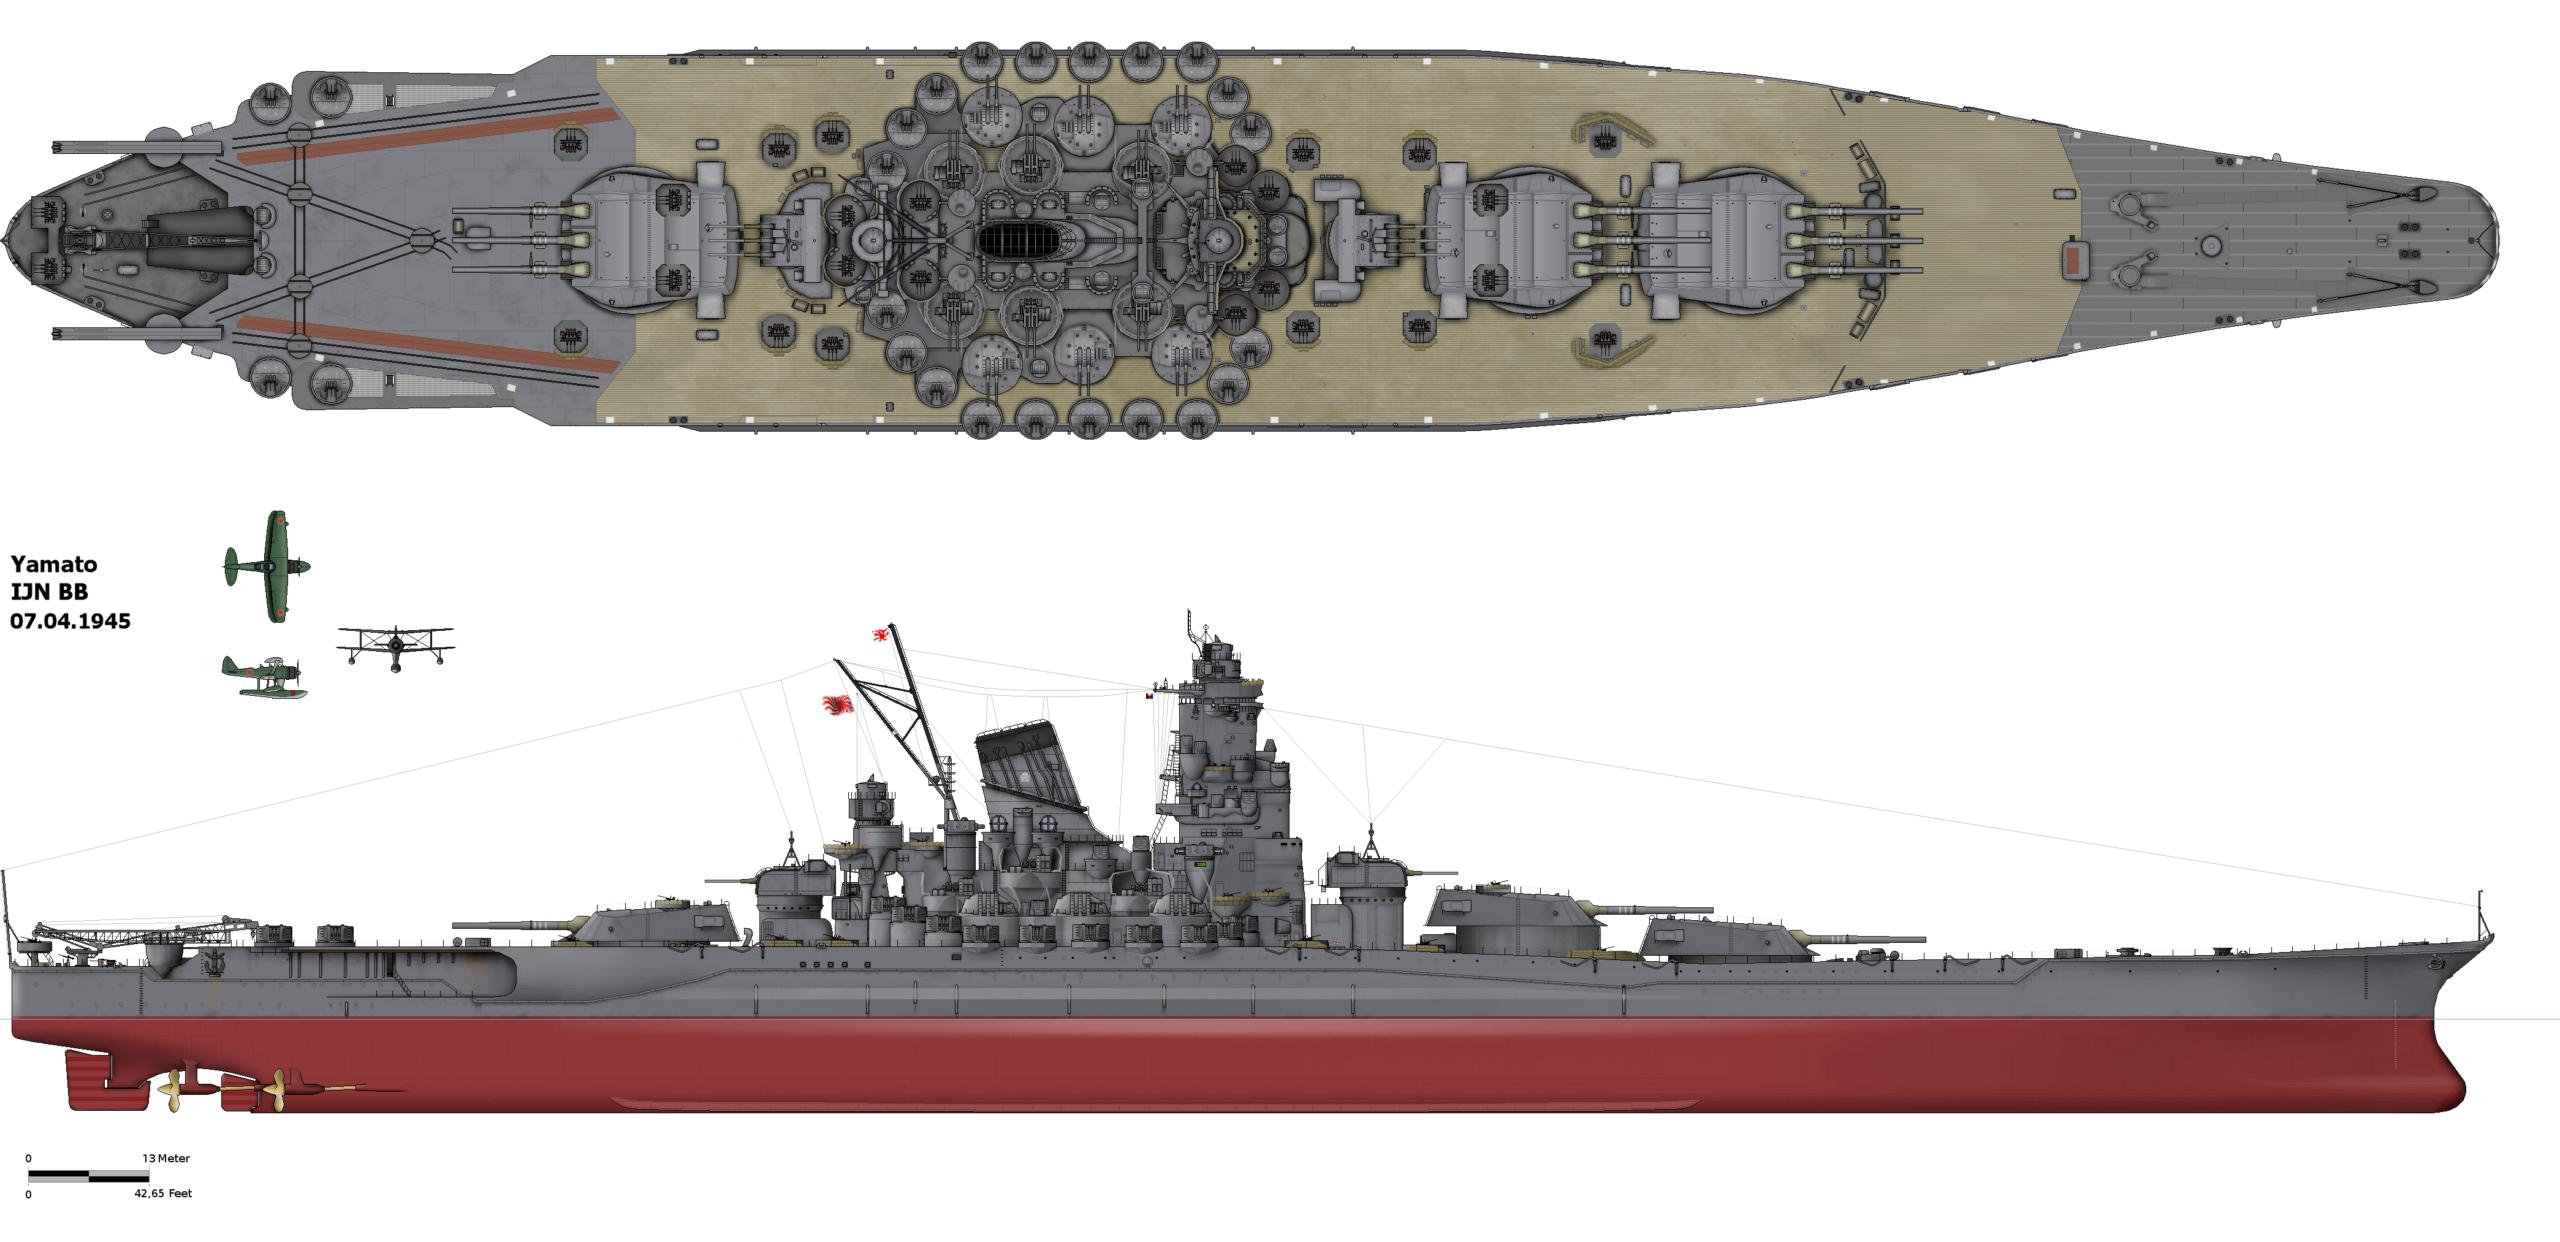 Yamato Sunk